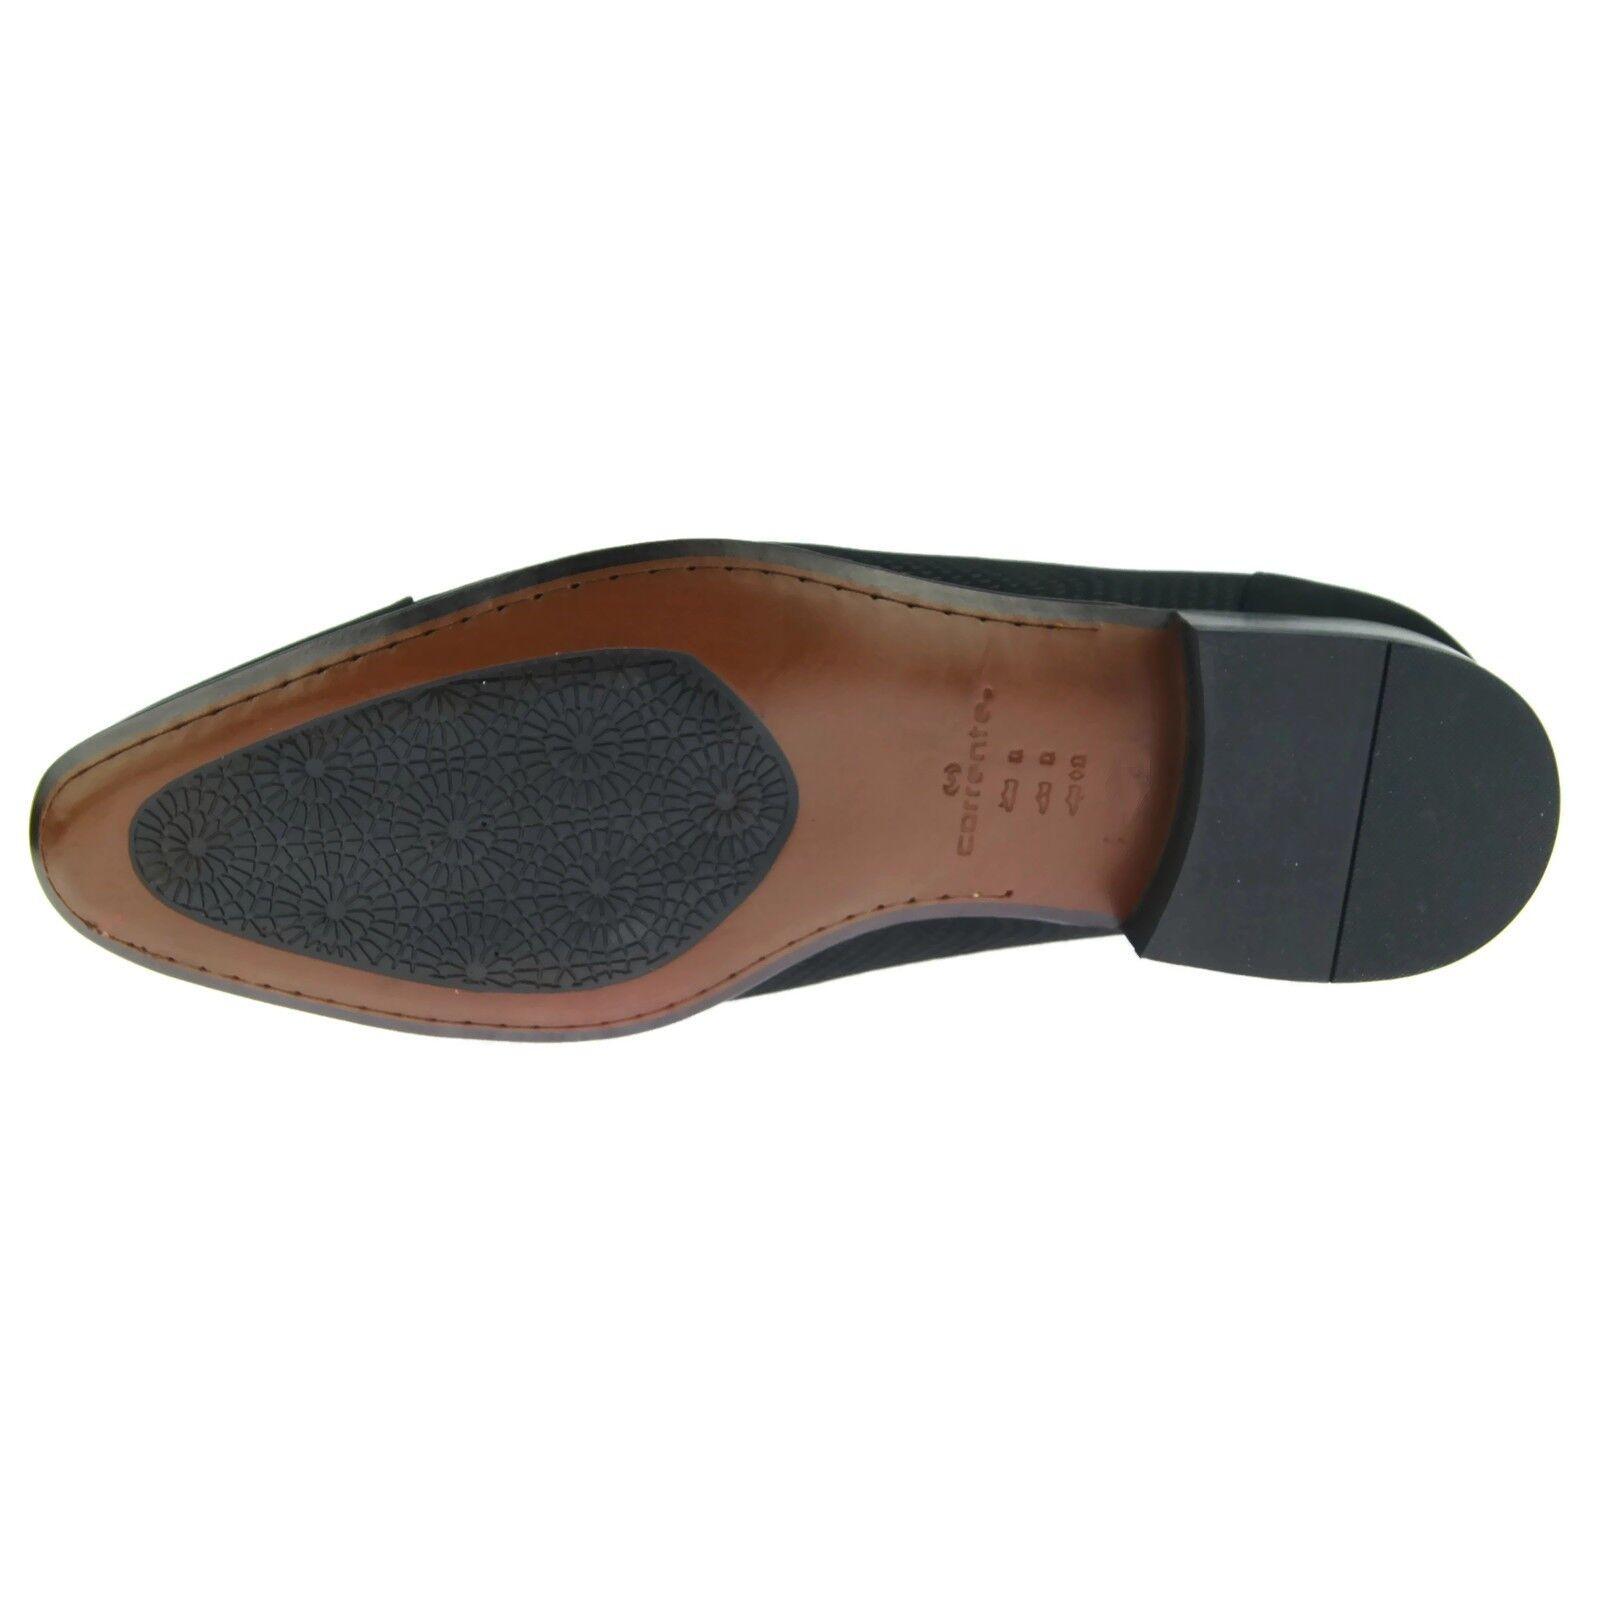 Corrente 3435 con Foro Nubuck Mocassini,hombres Abito     Casual Non Stringato zapatos 422f46